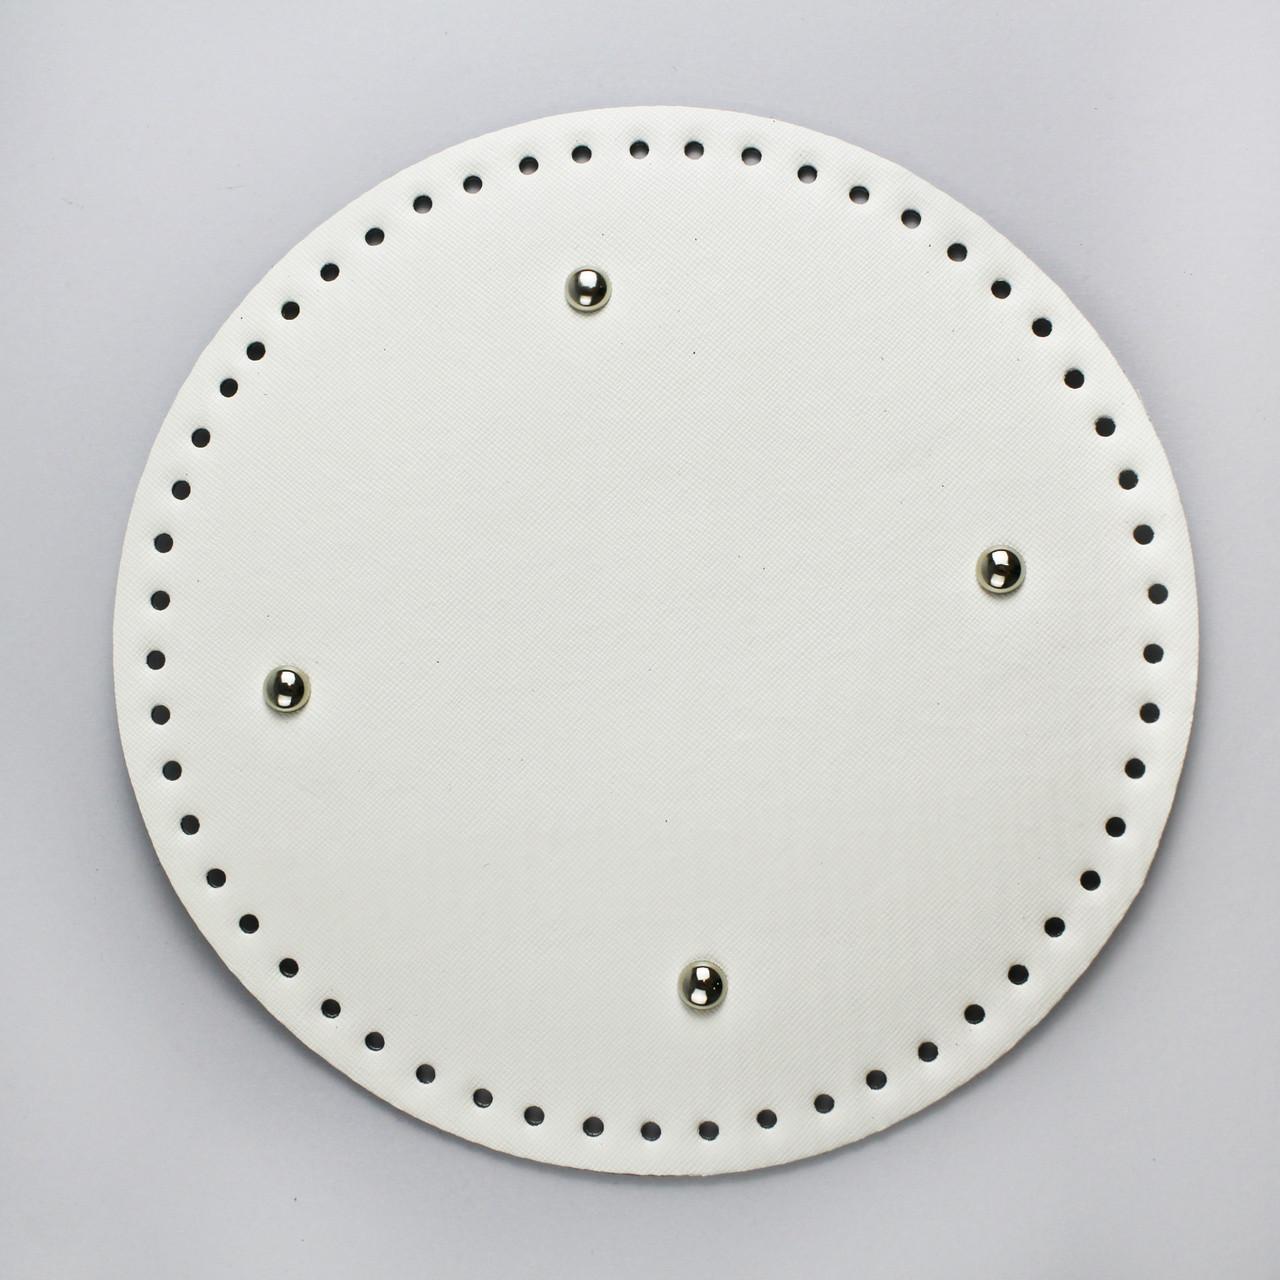 Донышко круглое для сумки экокожа Белое Ø 22 см с ножками фурнитура серебро